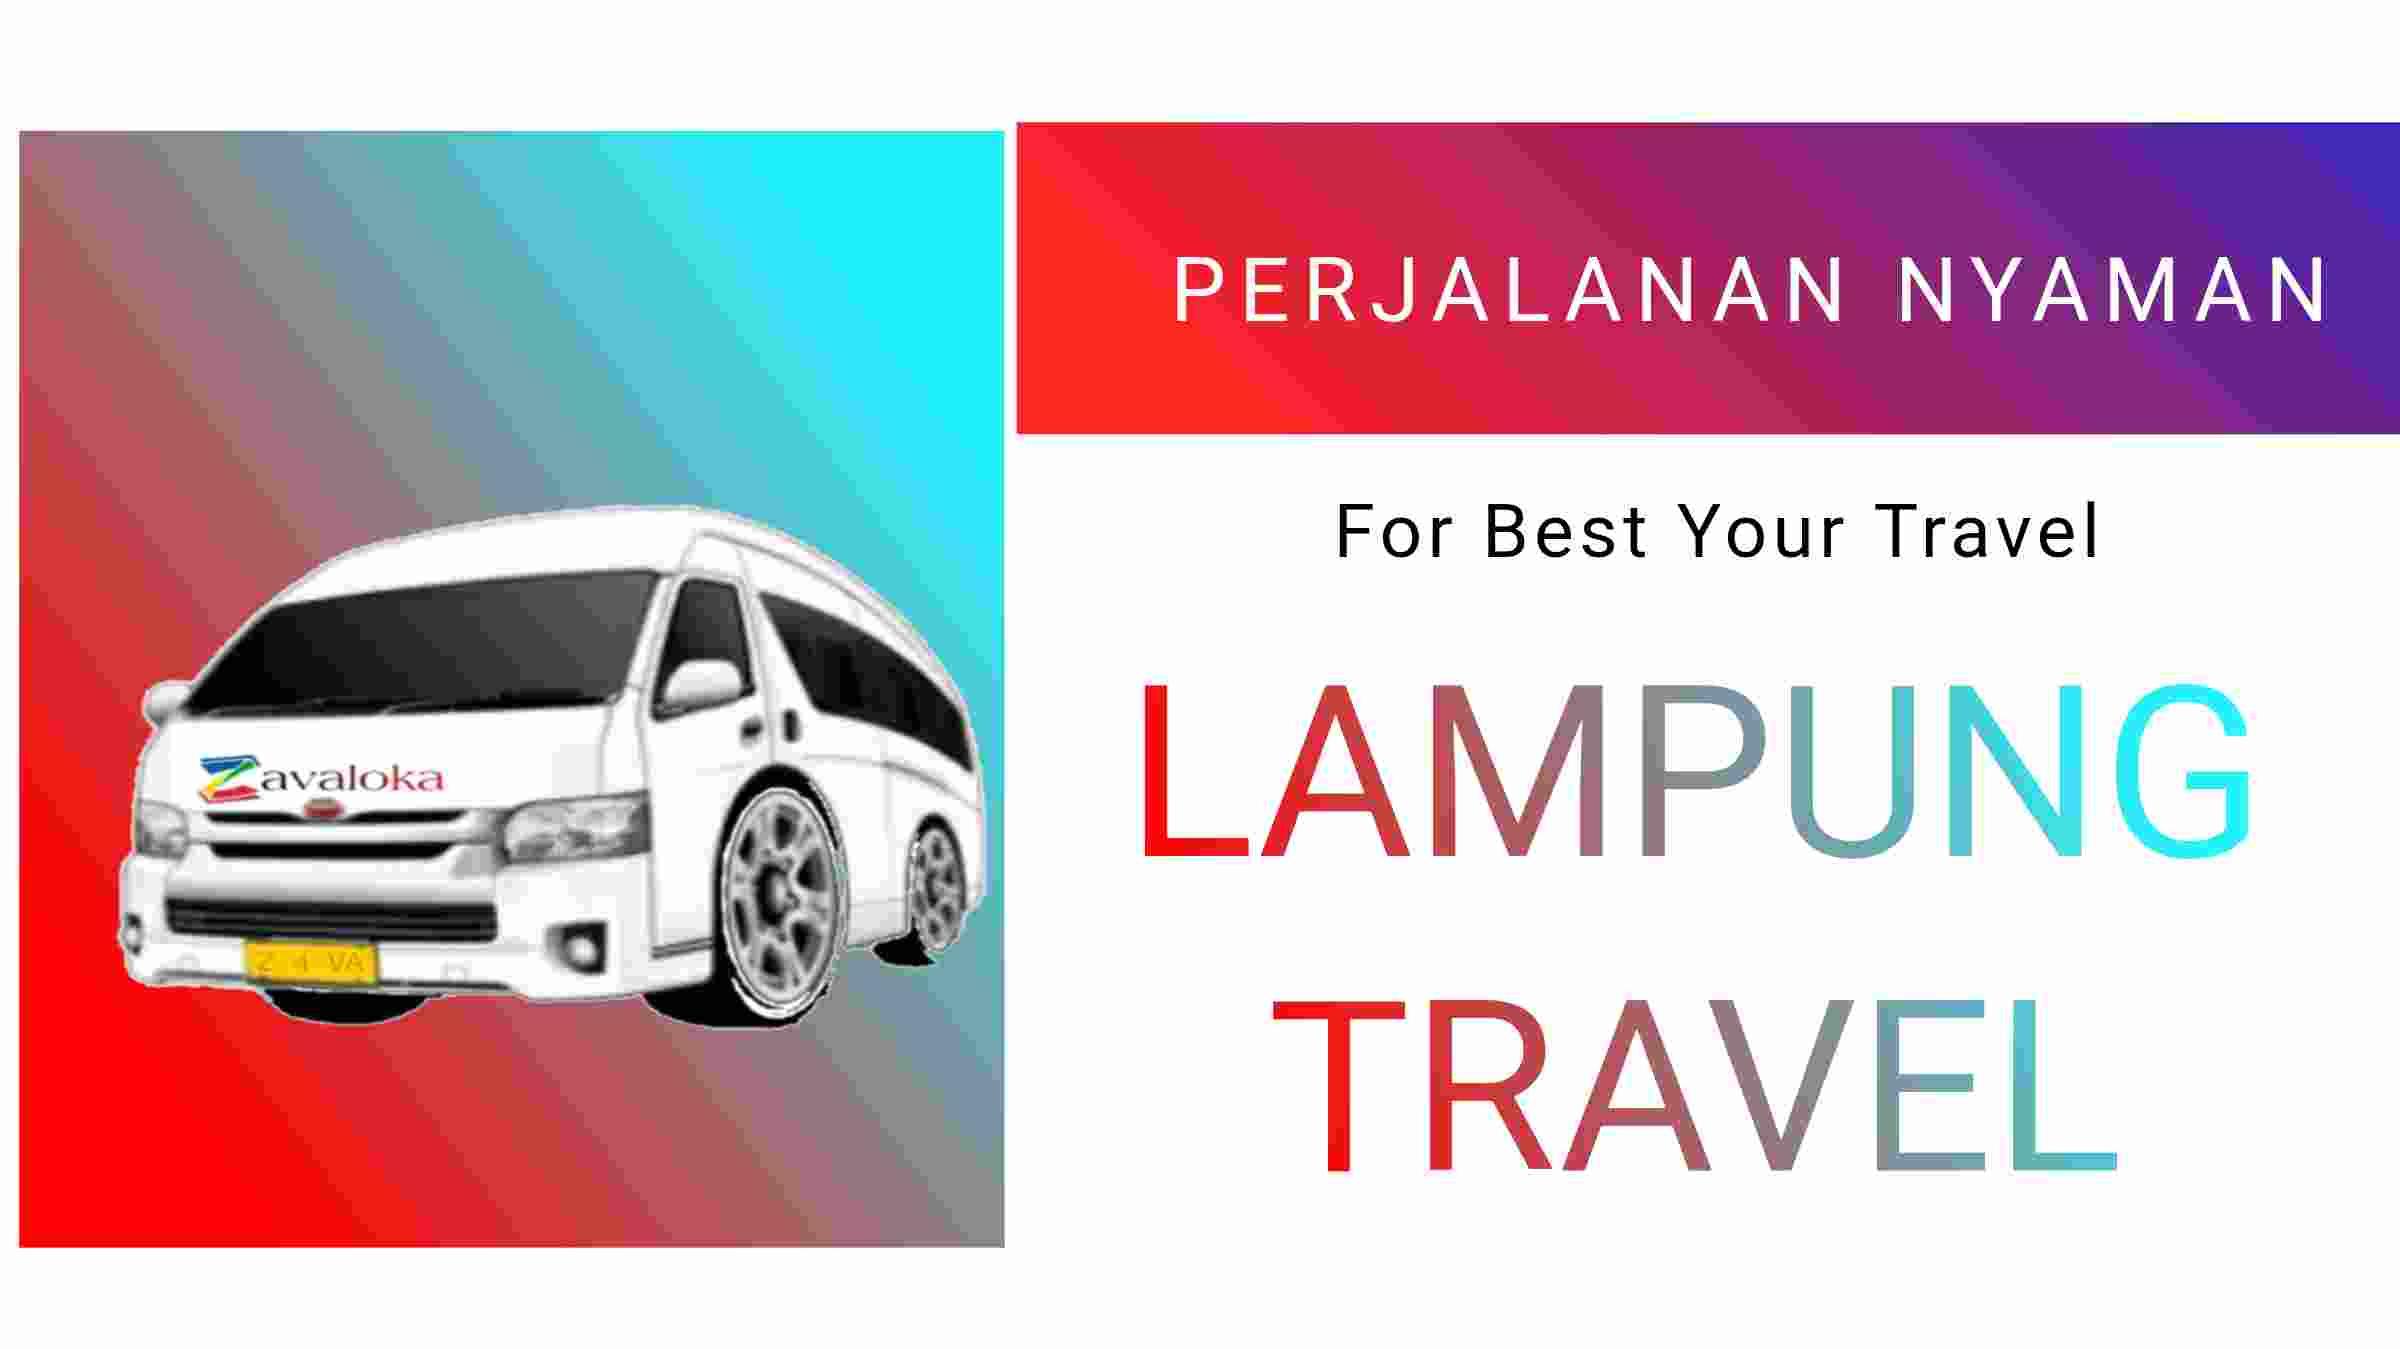 Travel Tanjung Karang Pancoran Antar Jemput terbaik